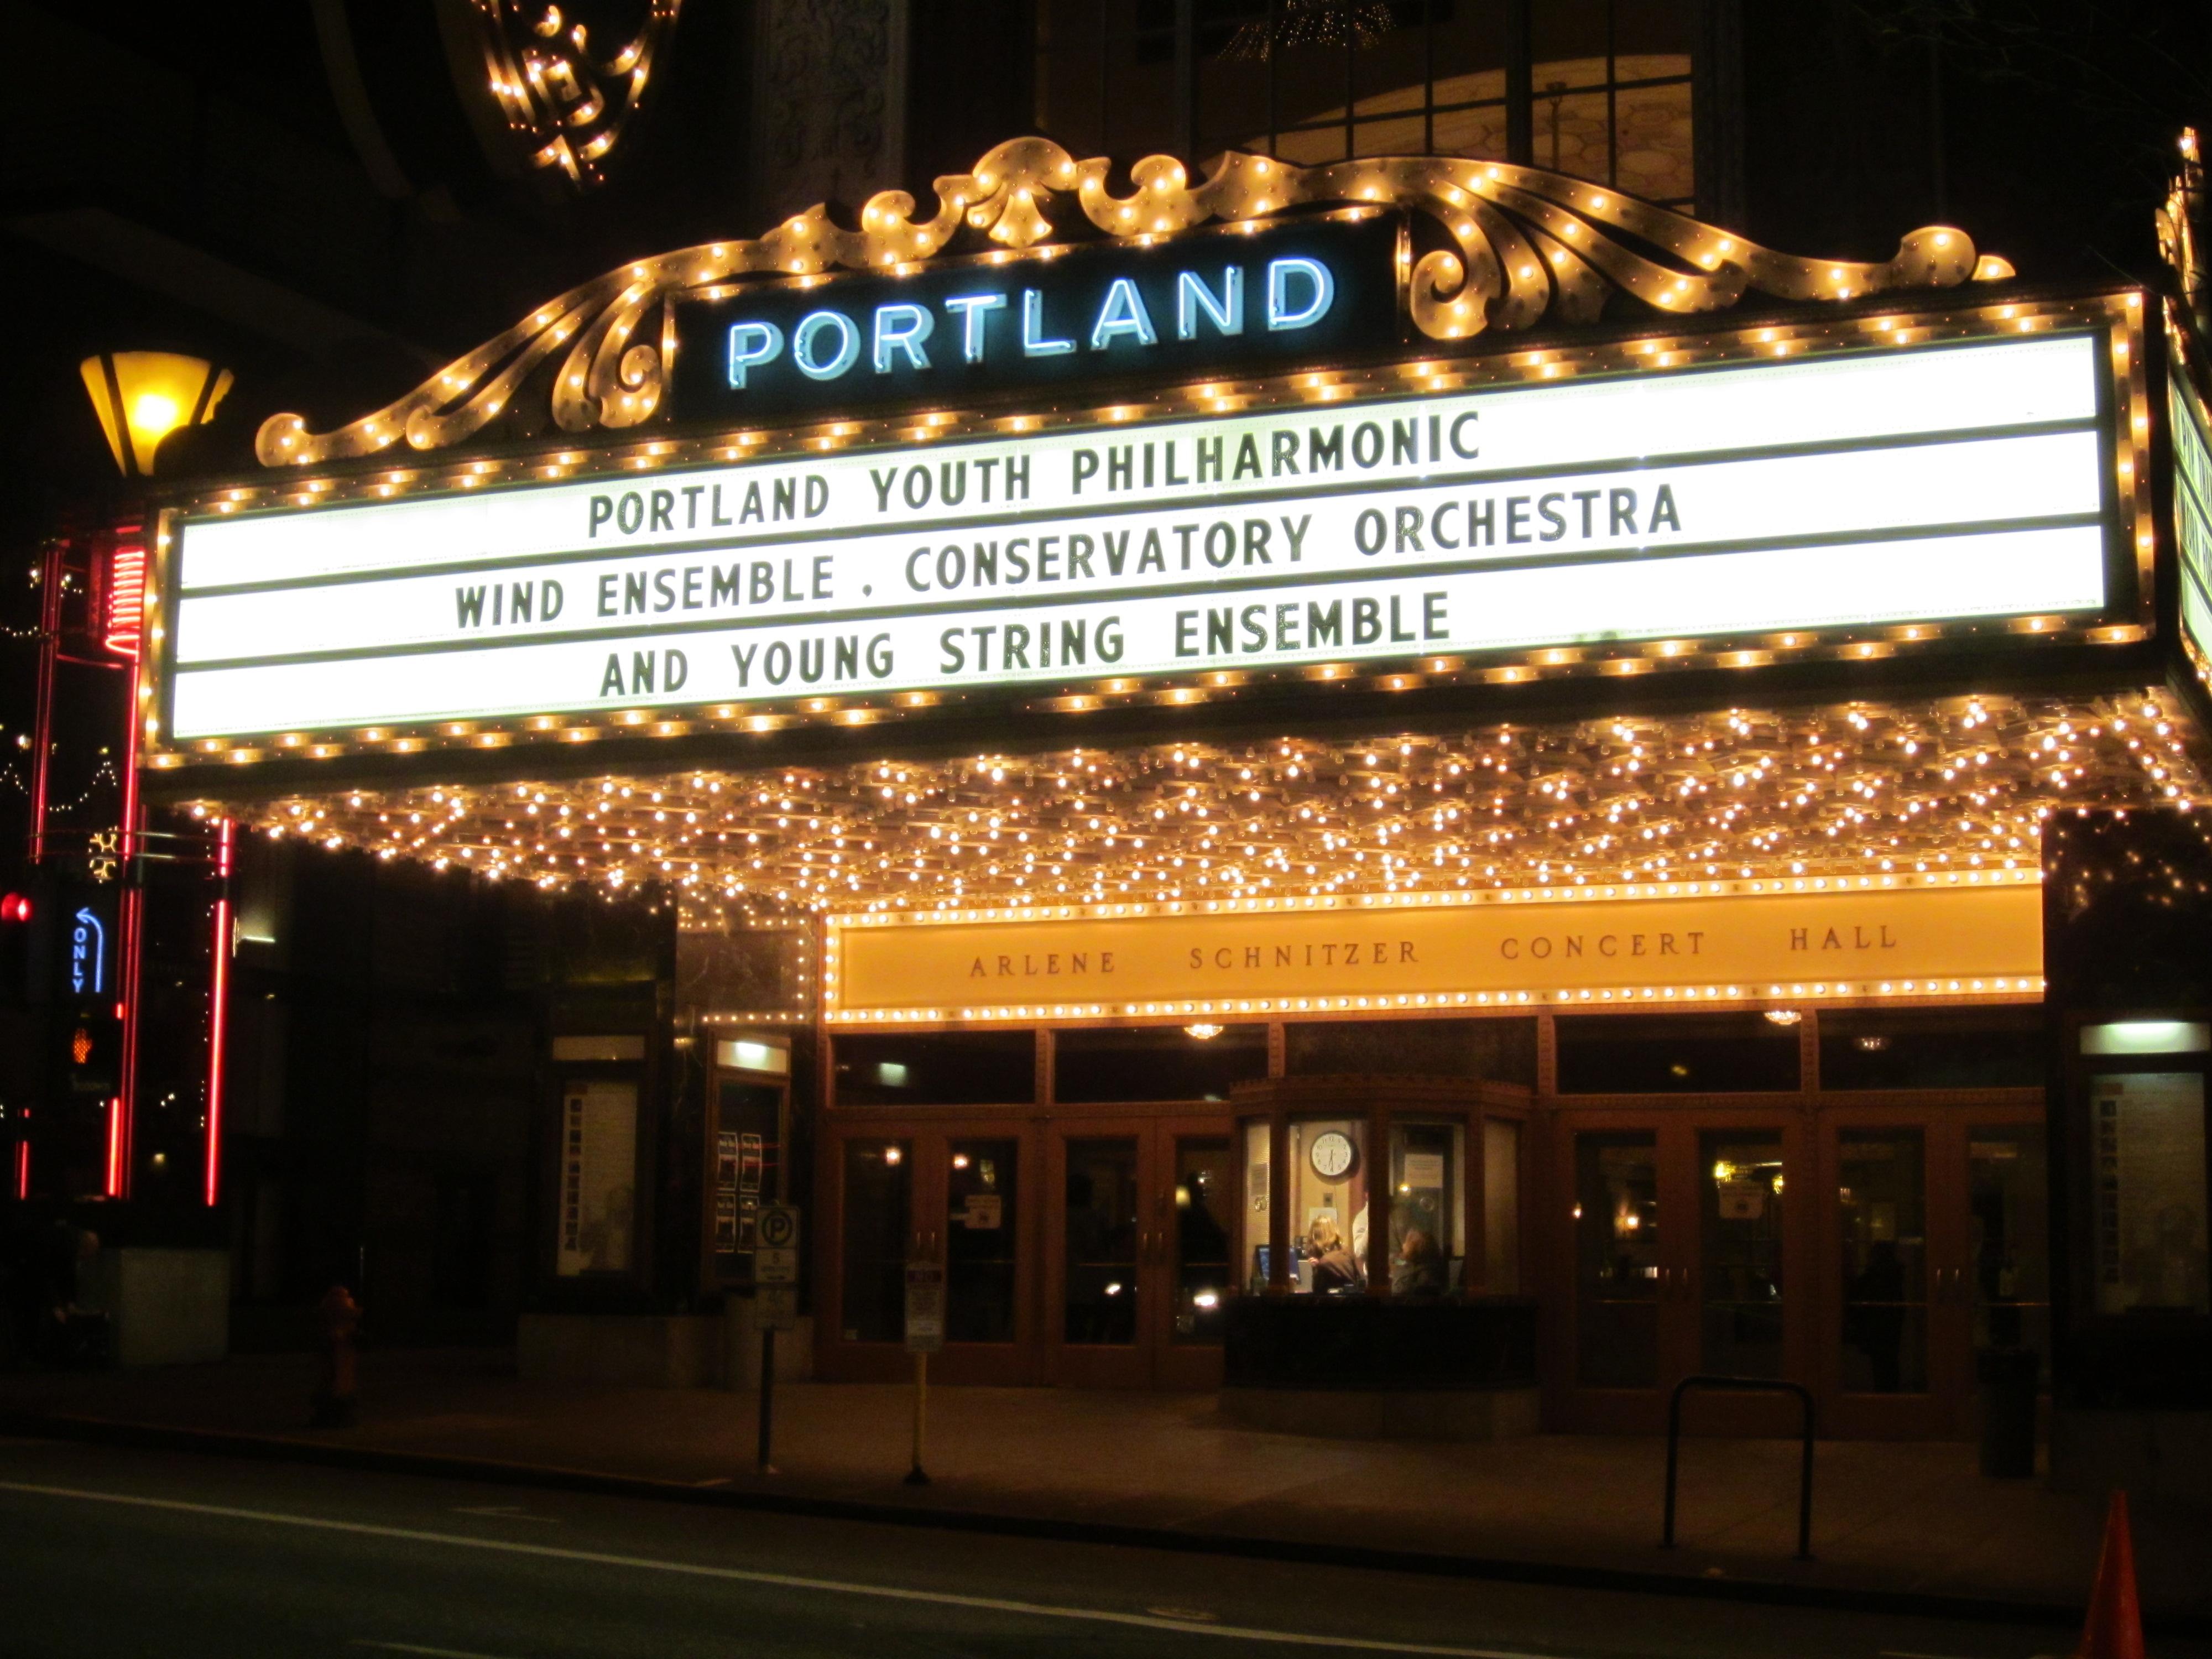 File PYP ConcertatChristmas Arlene Schnitzer Concert Hall - Arnold schnitzer concert hall